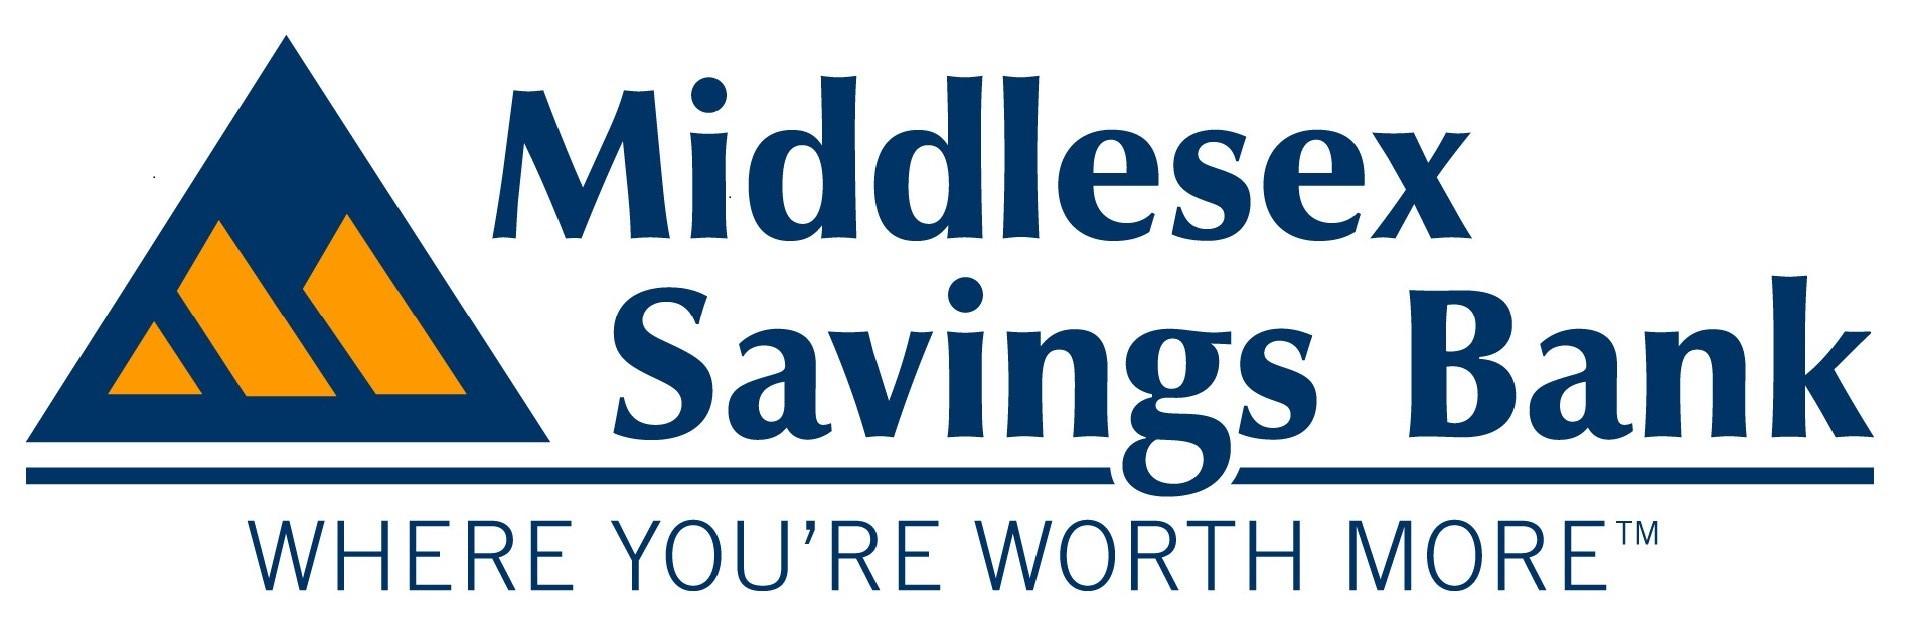 Middlesex Savings Bank